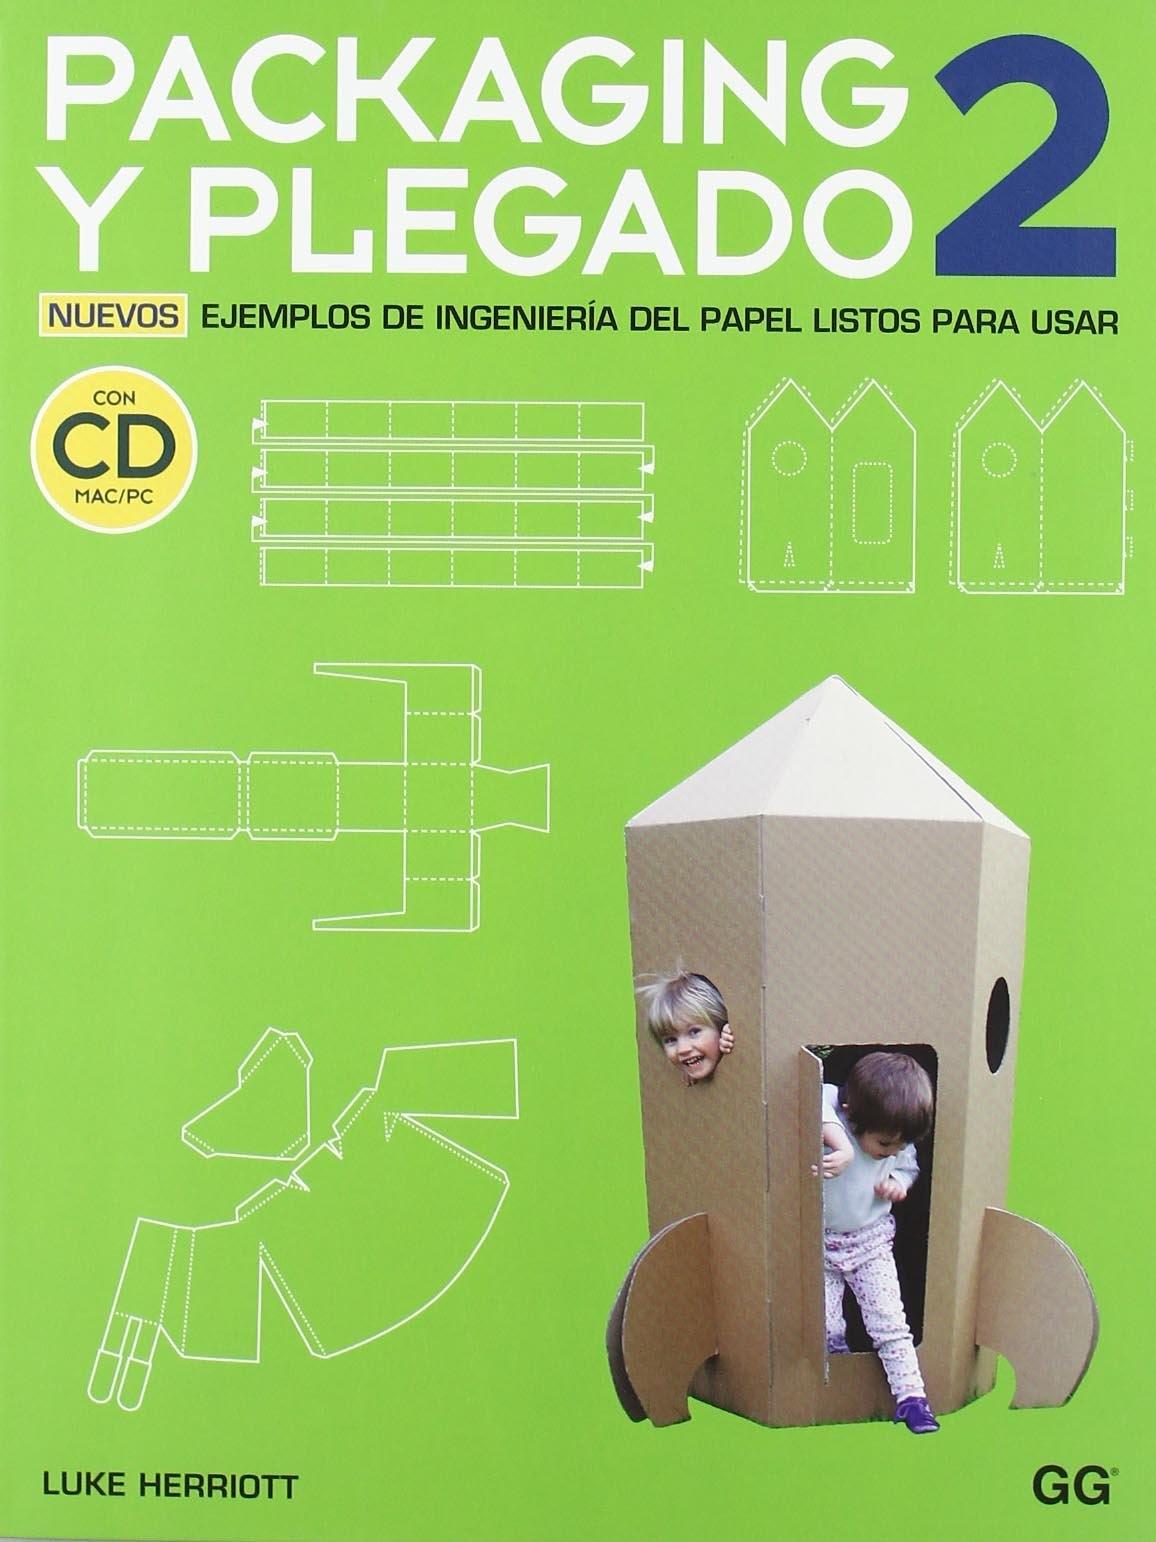 Packaging y plegado 2